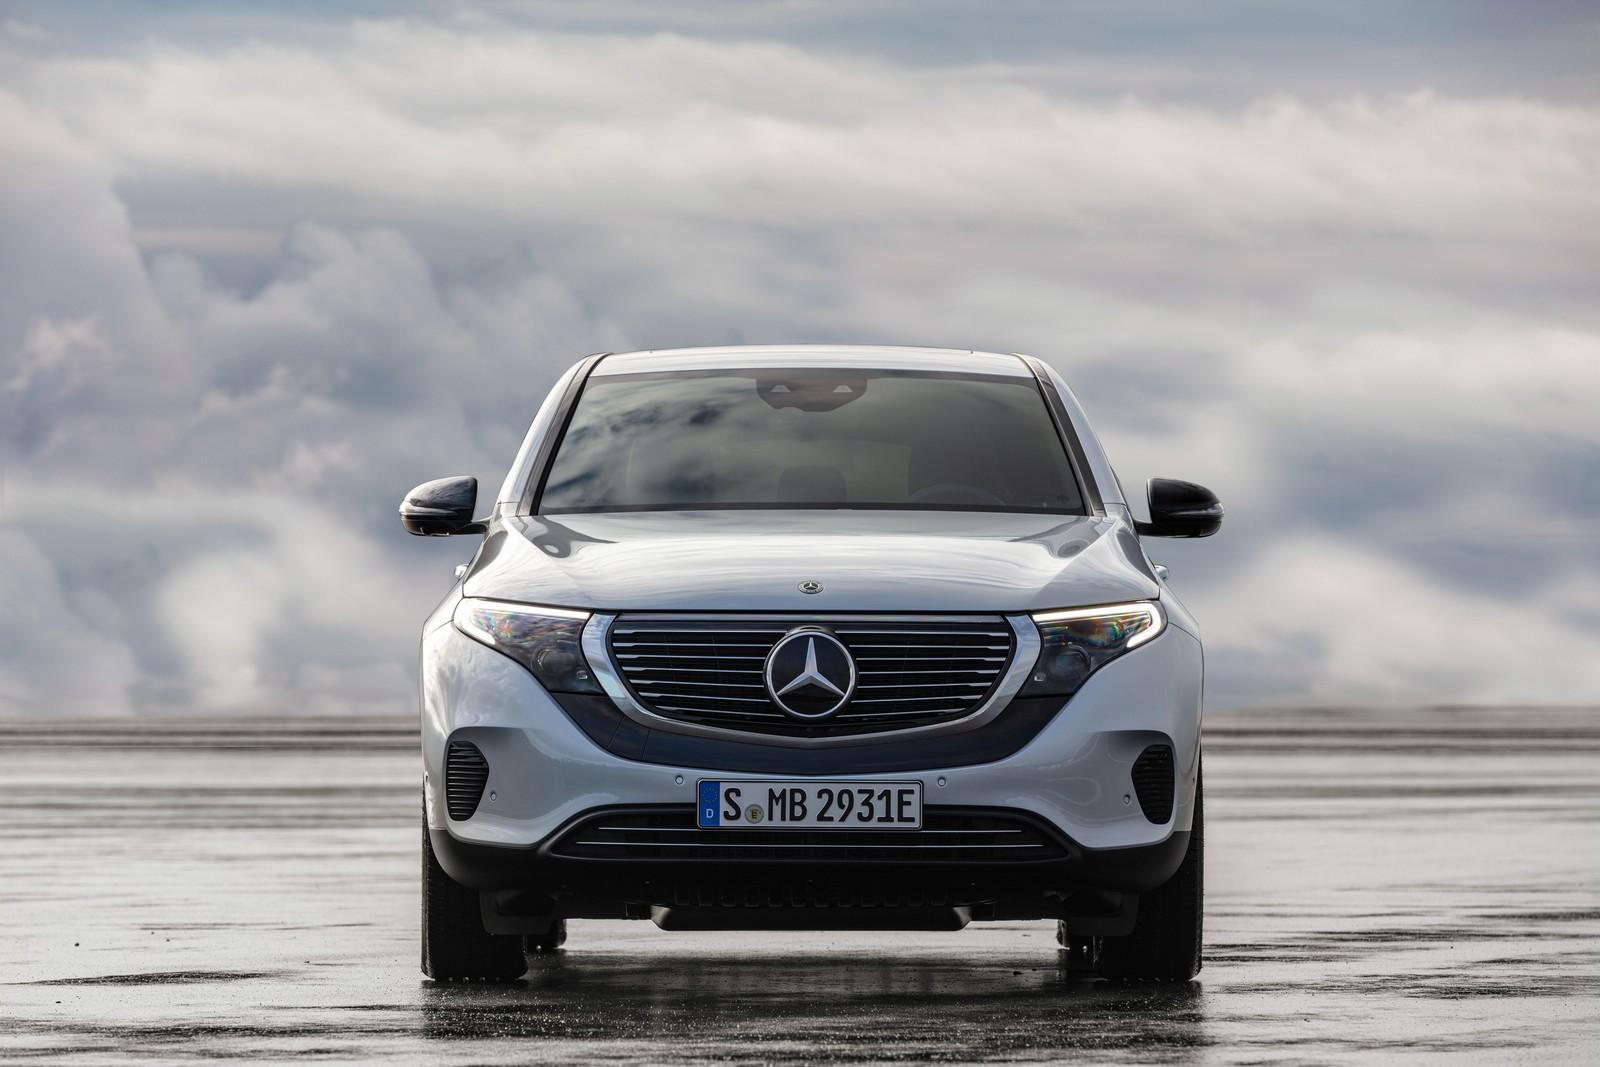 Meilleur Voiture 2018 >> Meilleur Voiture Mercedes En 2018 Black Auto